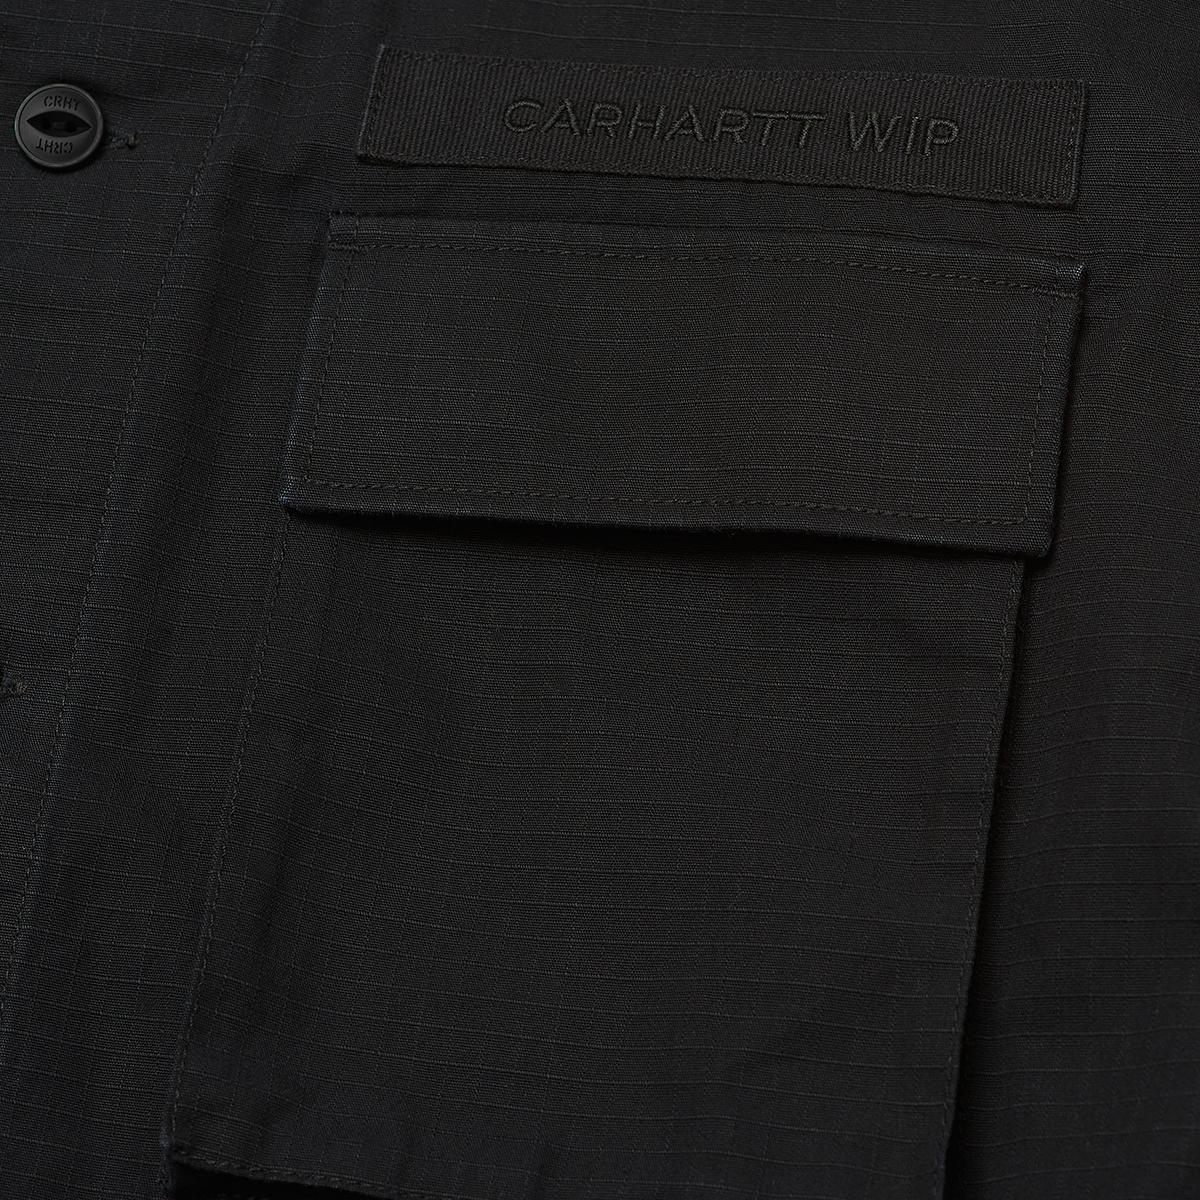 S/S Carver Shirt